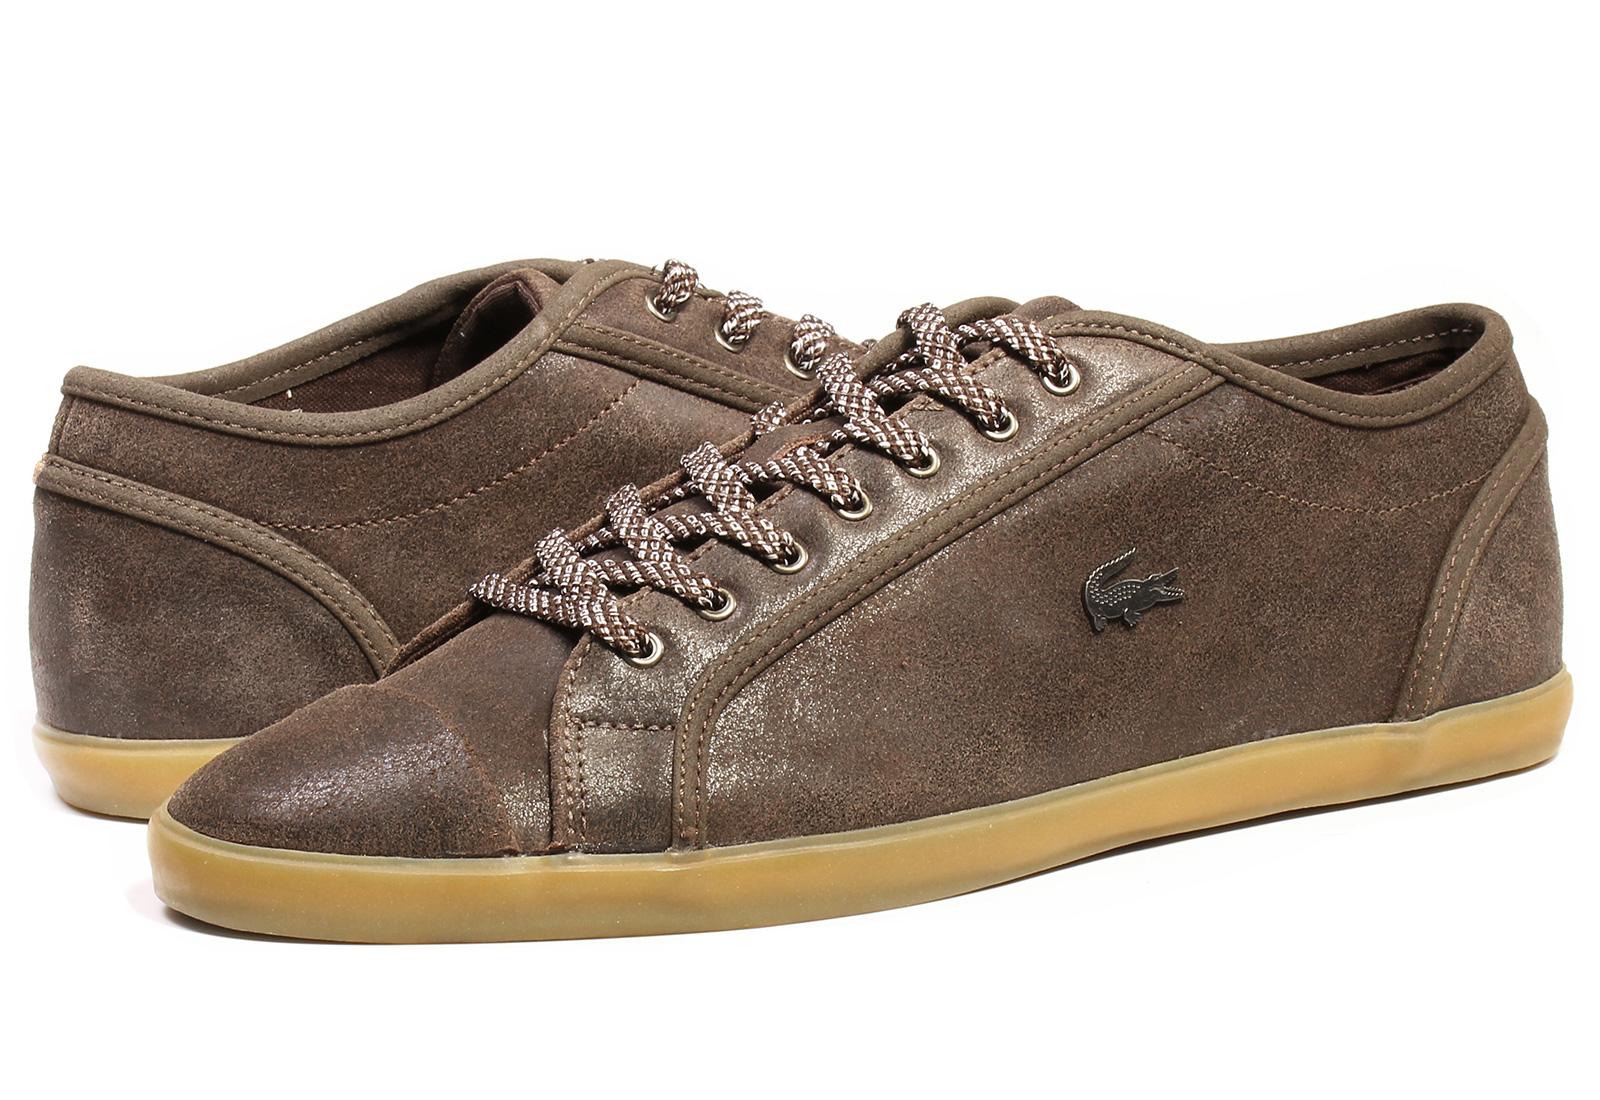 Lacoste Shoes - Berber - 133srm0002-176 - Online shop for sneakers ... 348d14f066